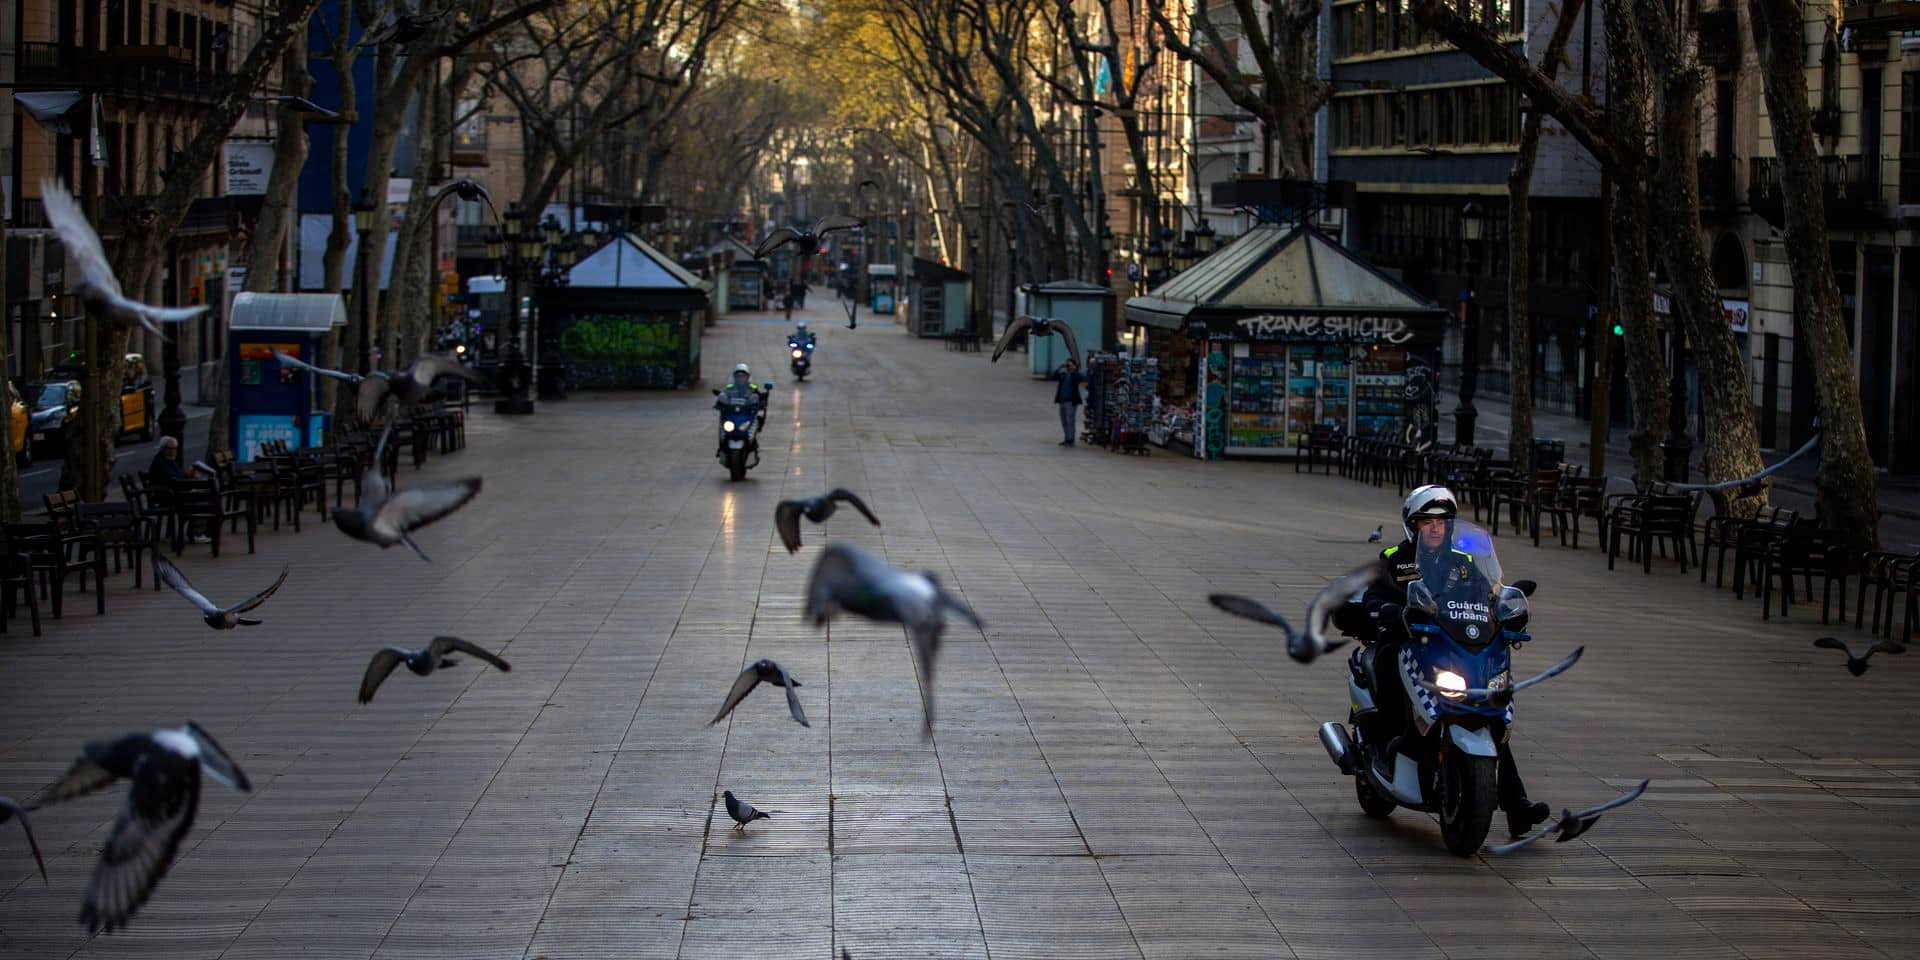 Espagne: l'état d'alerte est entré officiellement en vigueur